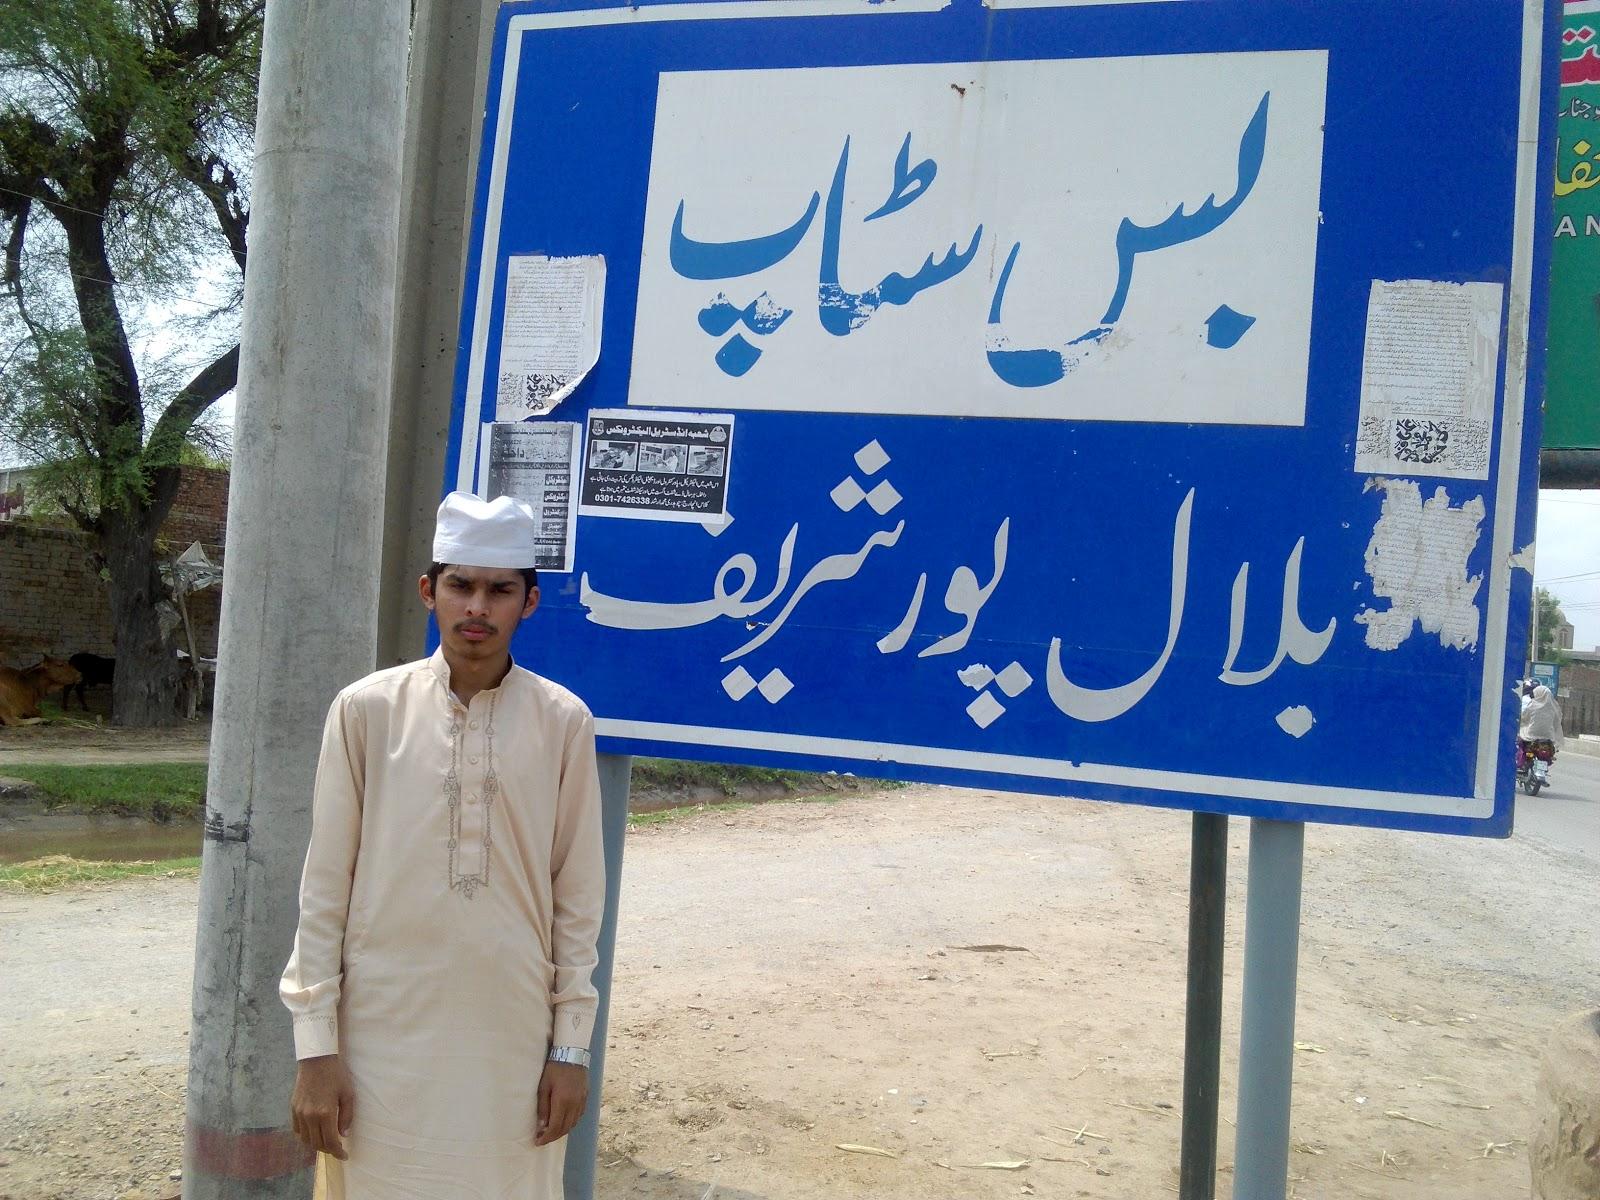 Bilal Pur Sharif